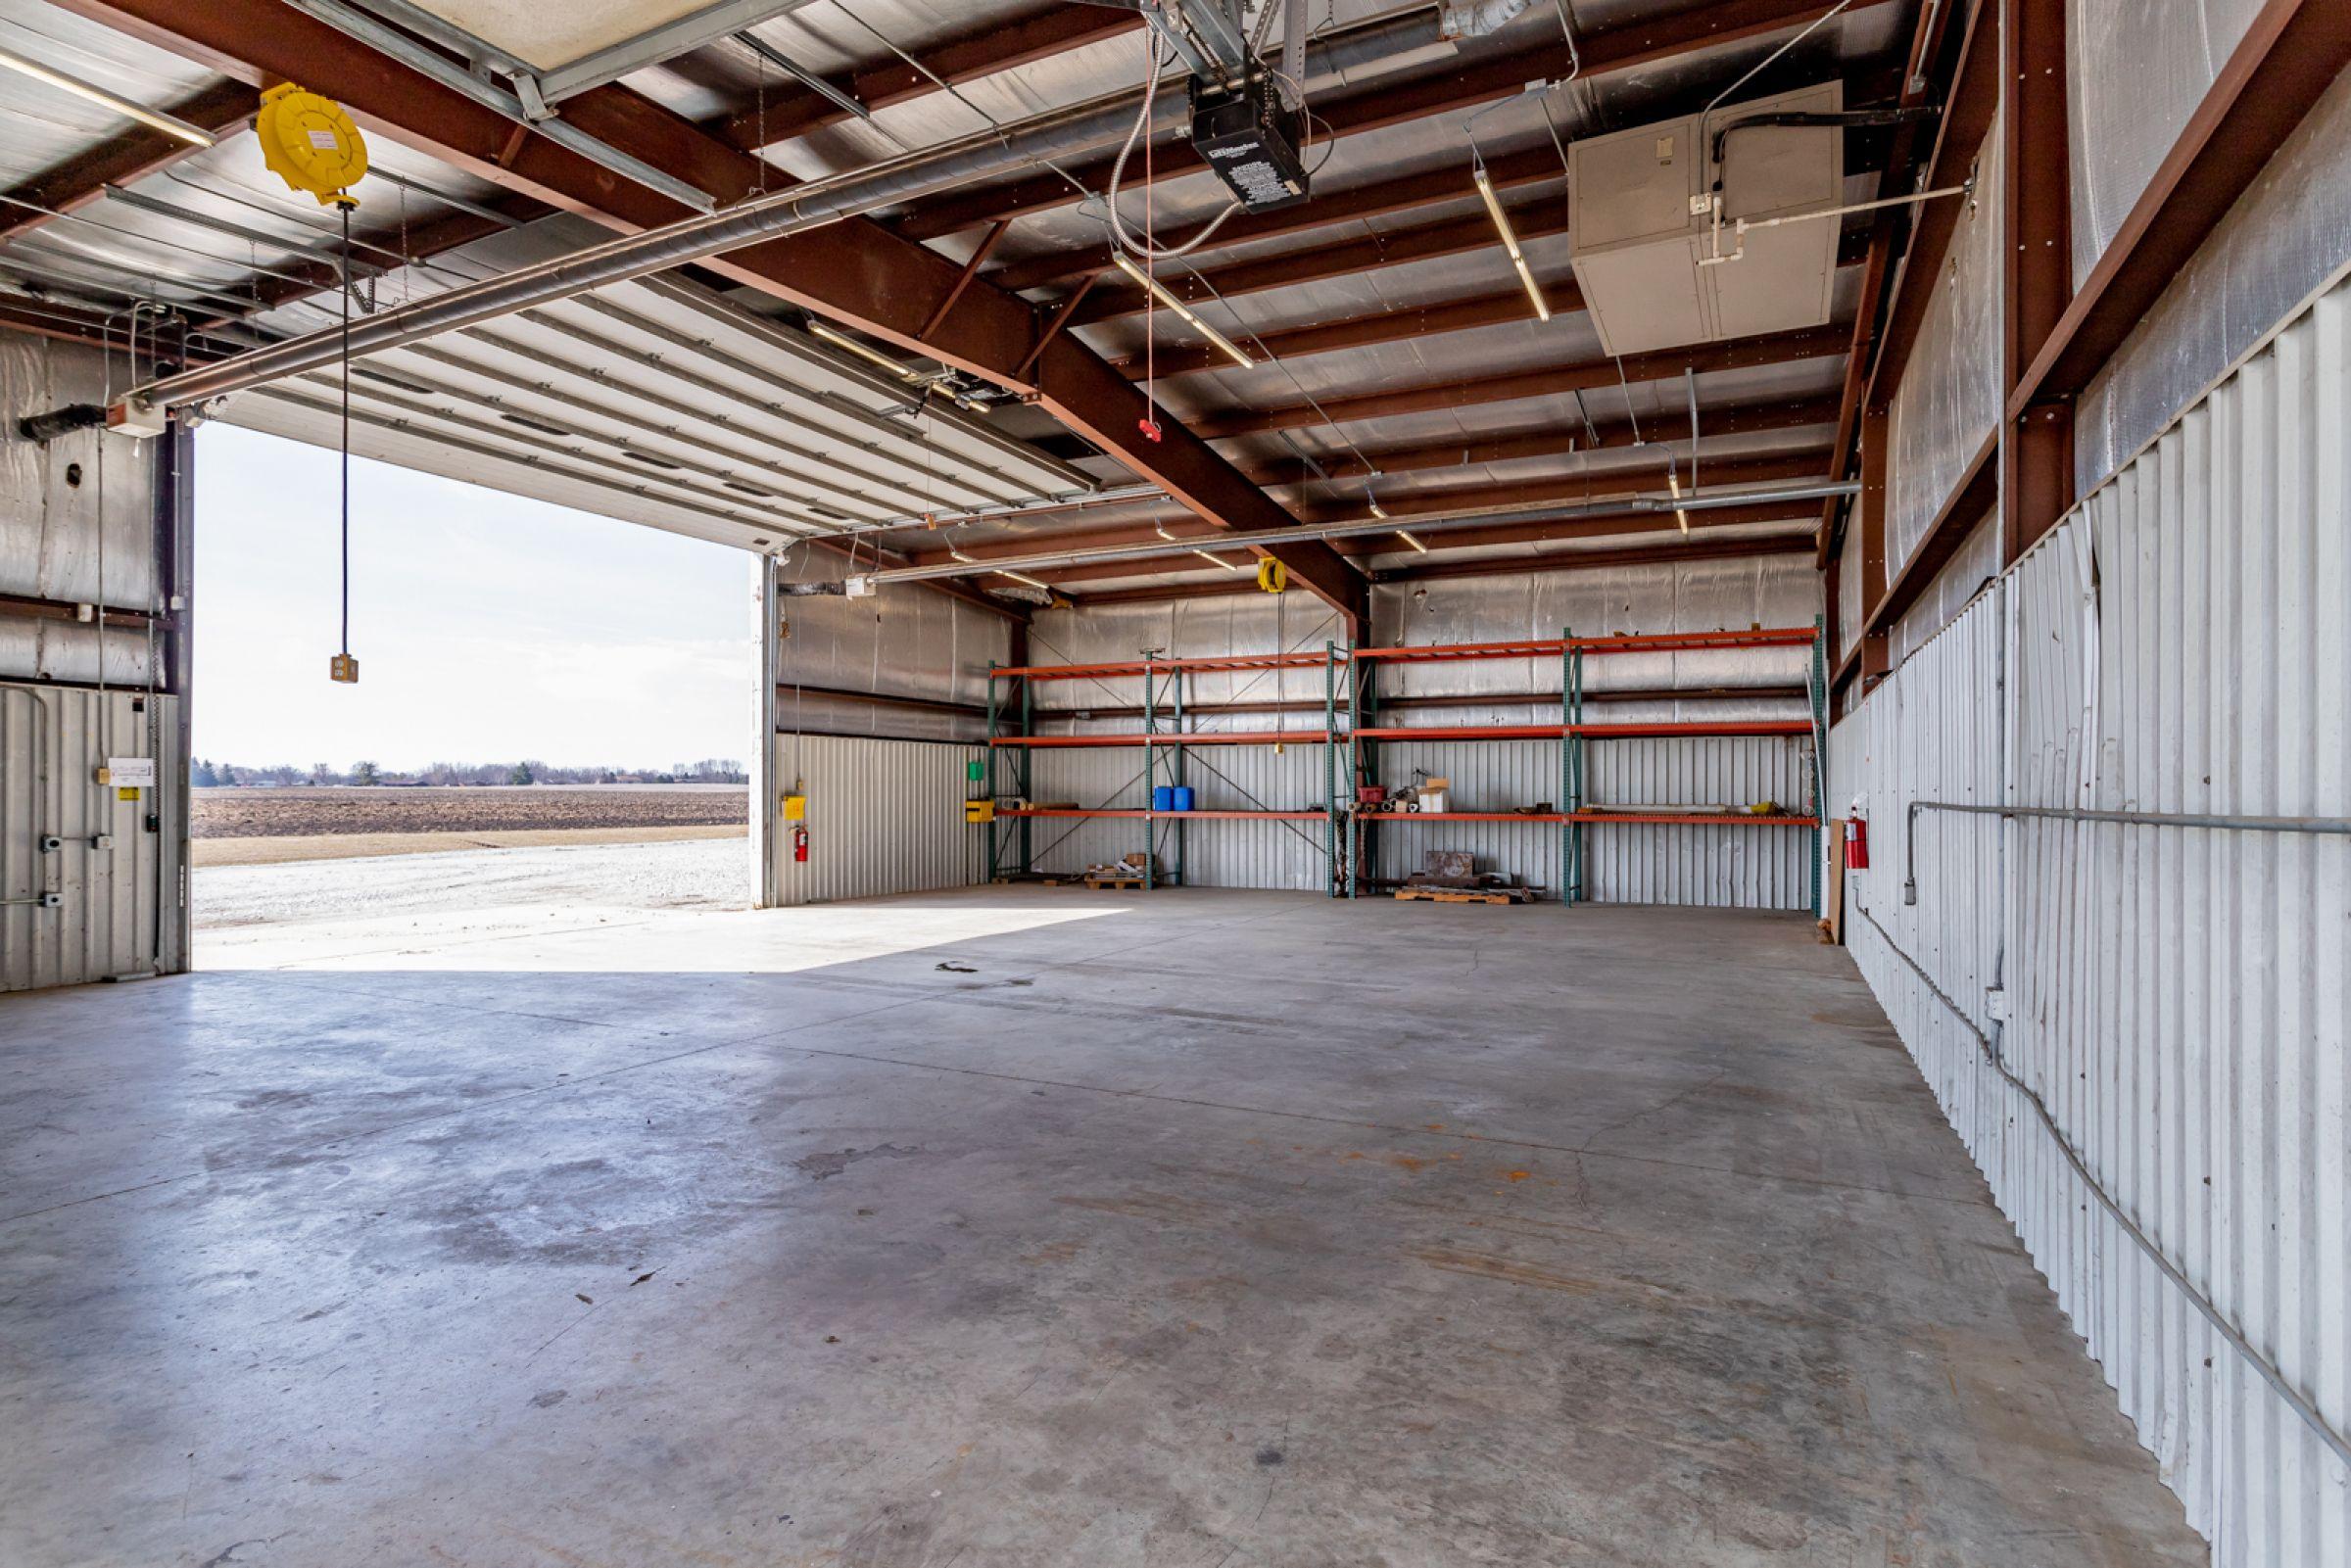 Iowa Farmland For Sale, Story County, Ames, Iowa